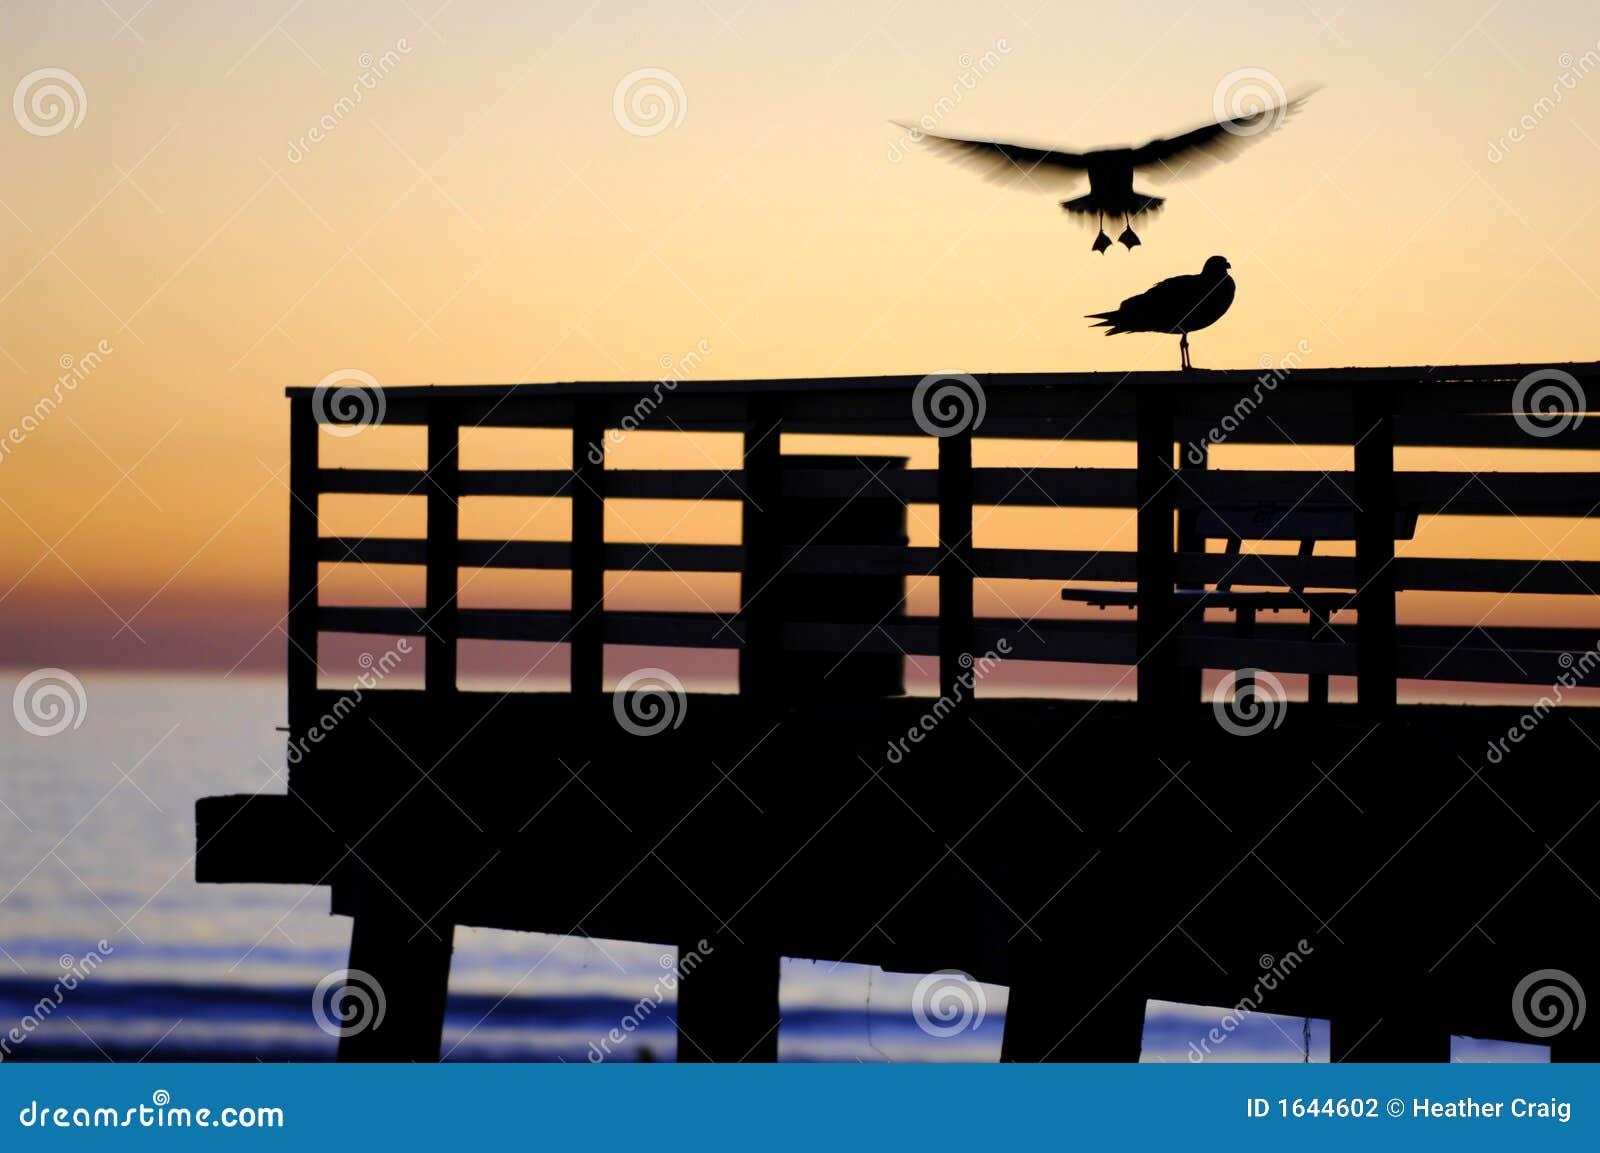 Gull Landing, Sunset on the Pier